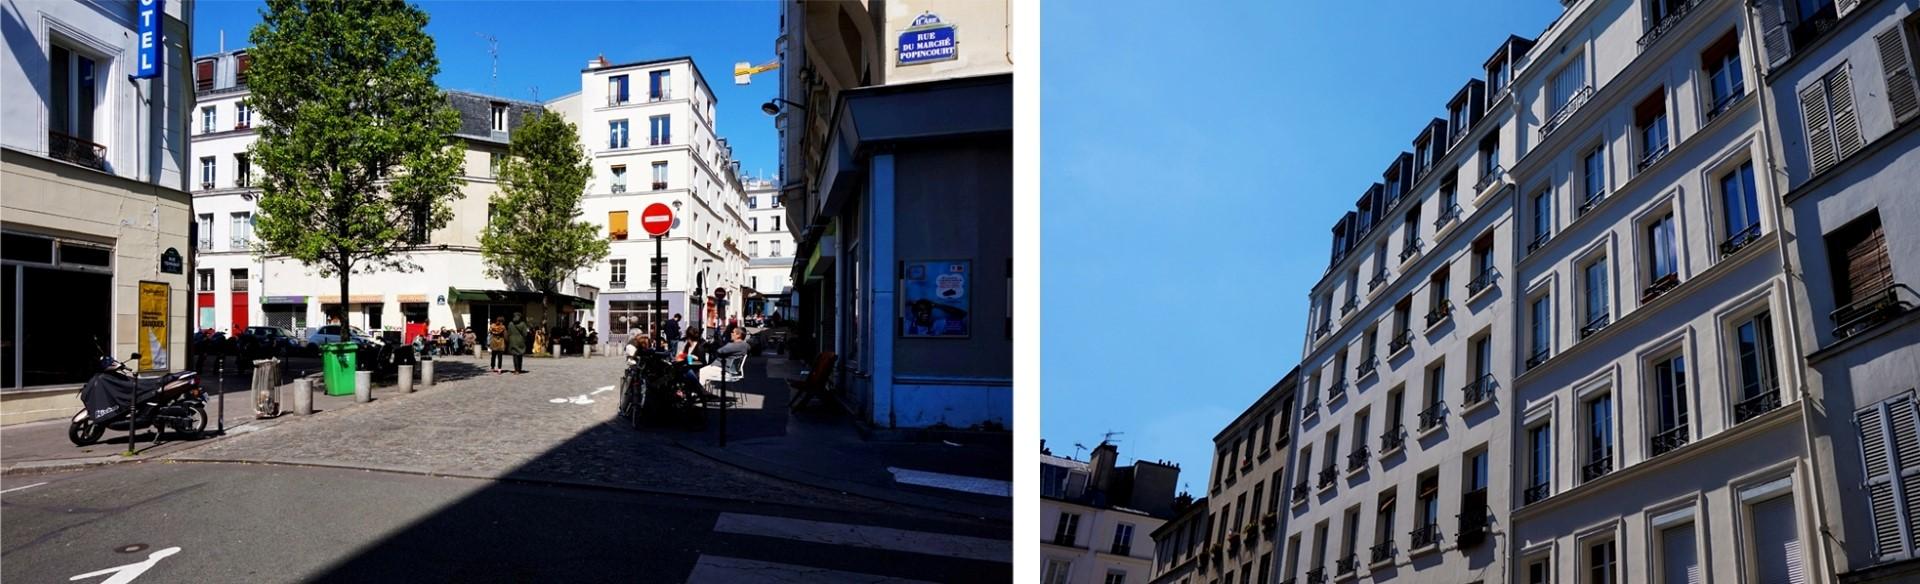 Balade dans le 11e - Rue du Marché Popincourt